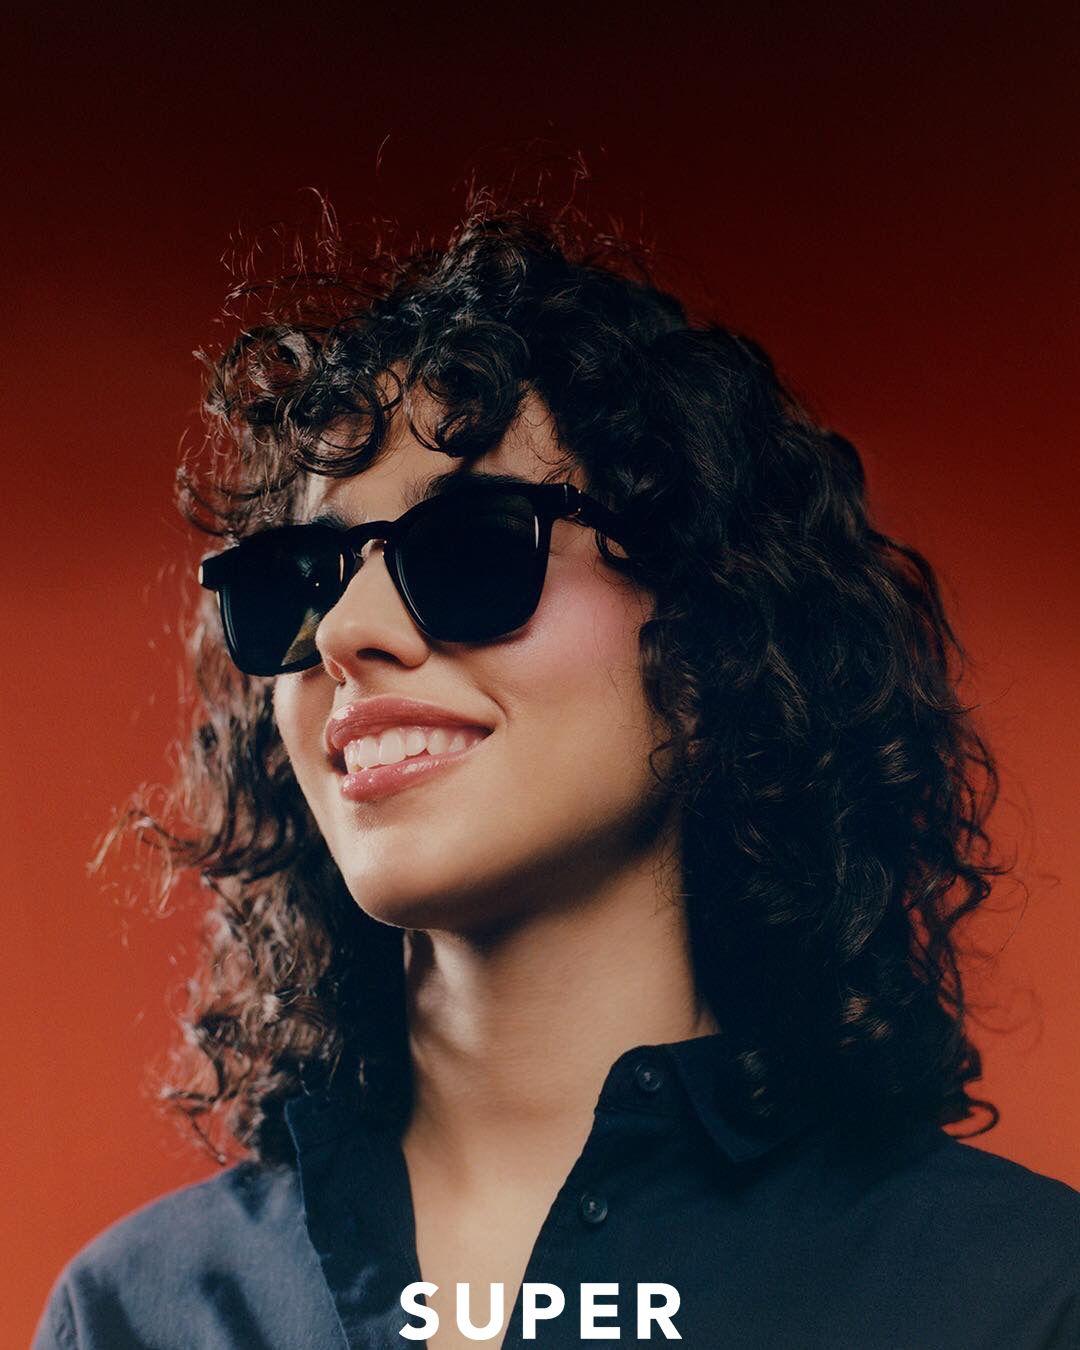 86aef2f183201 The Retro Super Future Sunglasses    Unico for woman interprets a classic  acetate design with